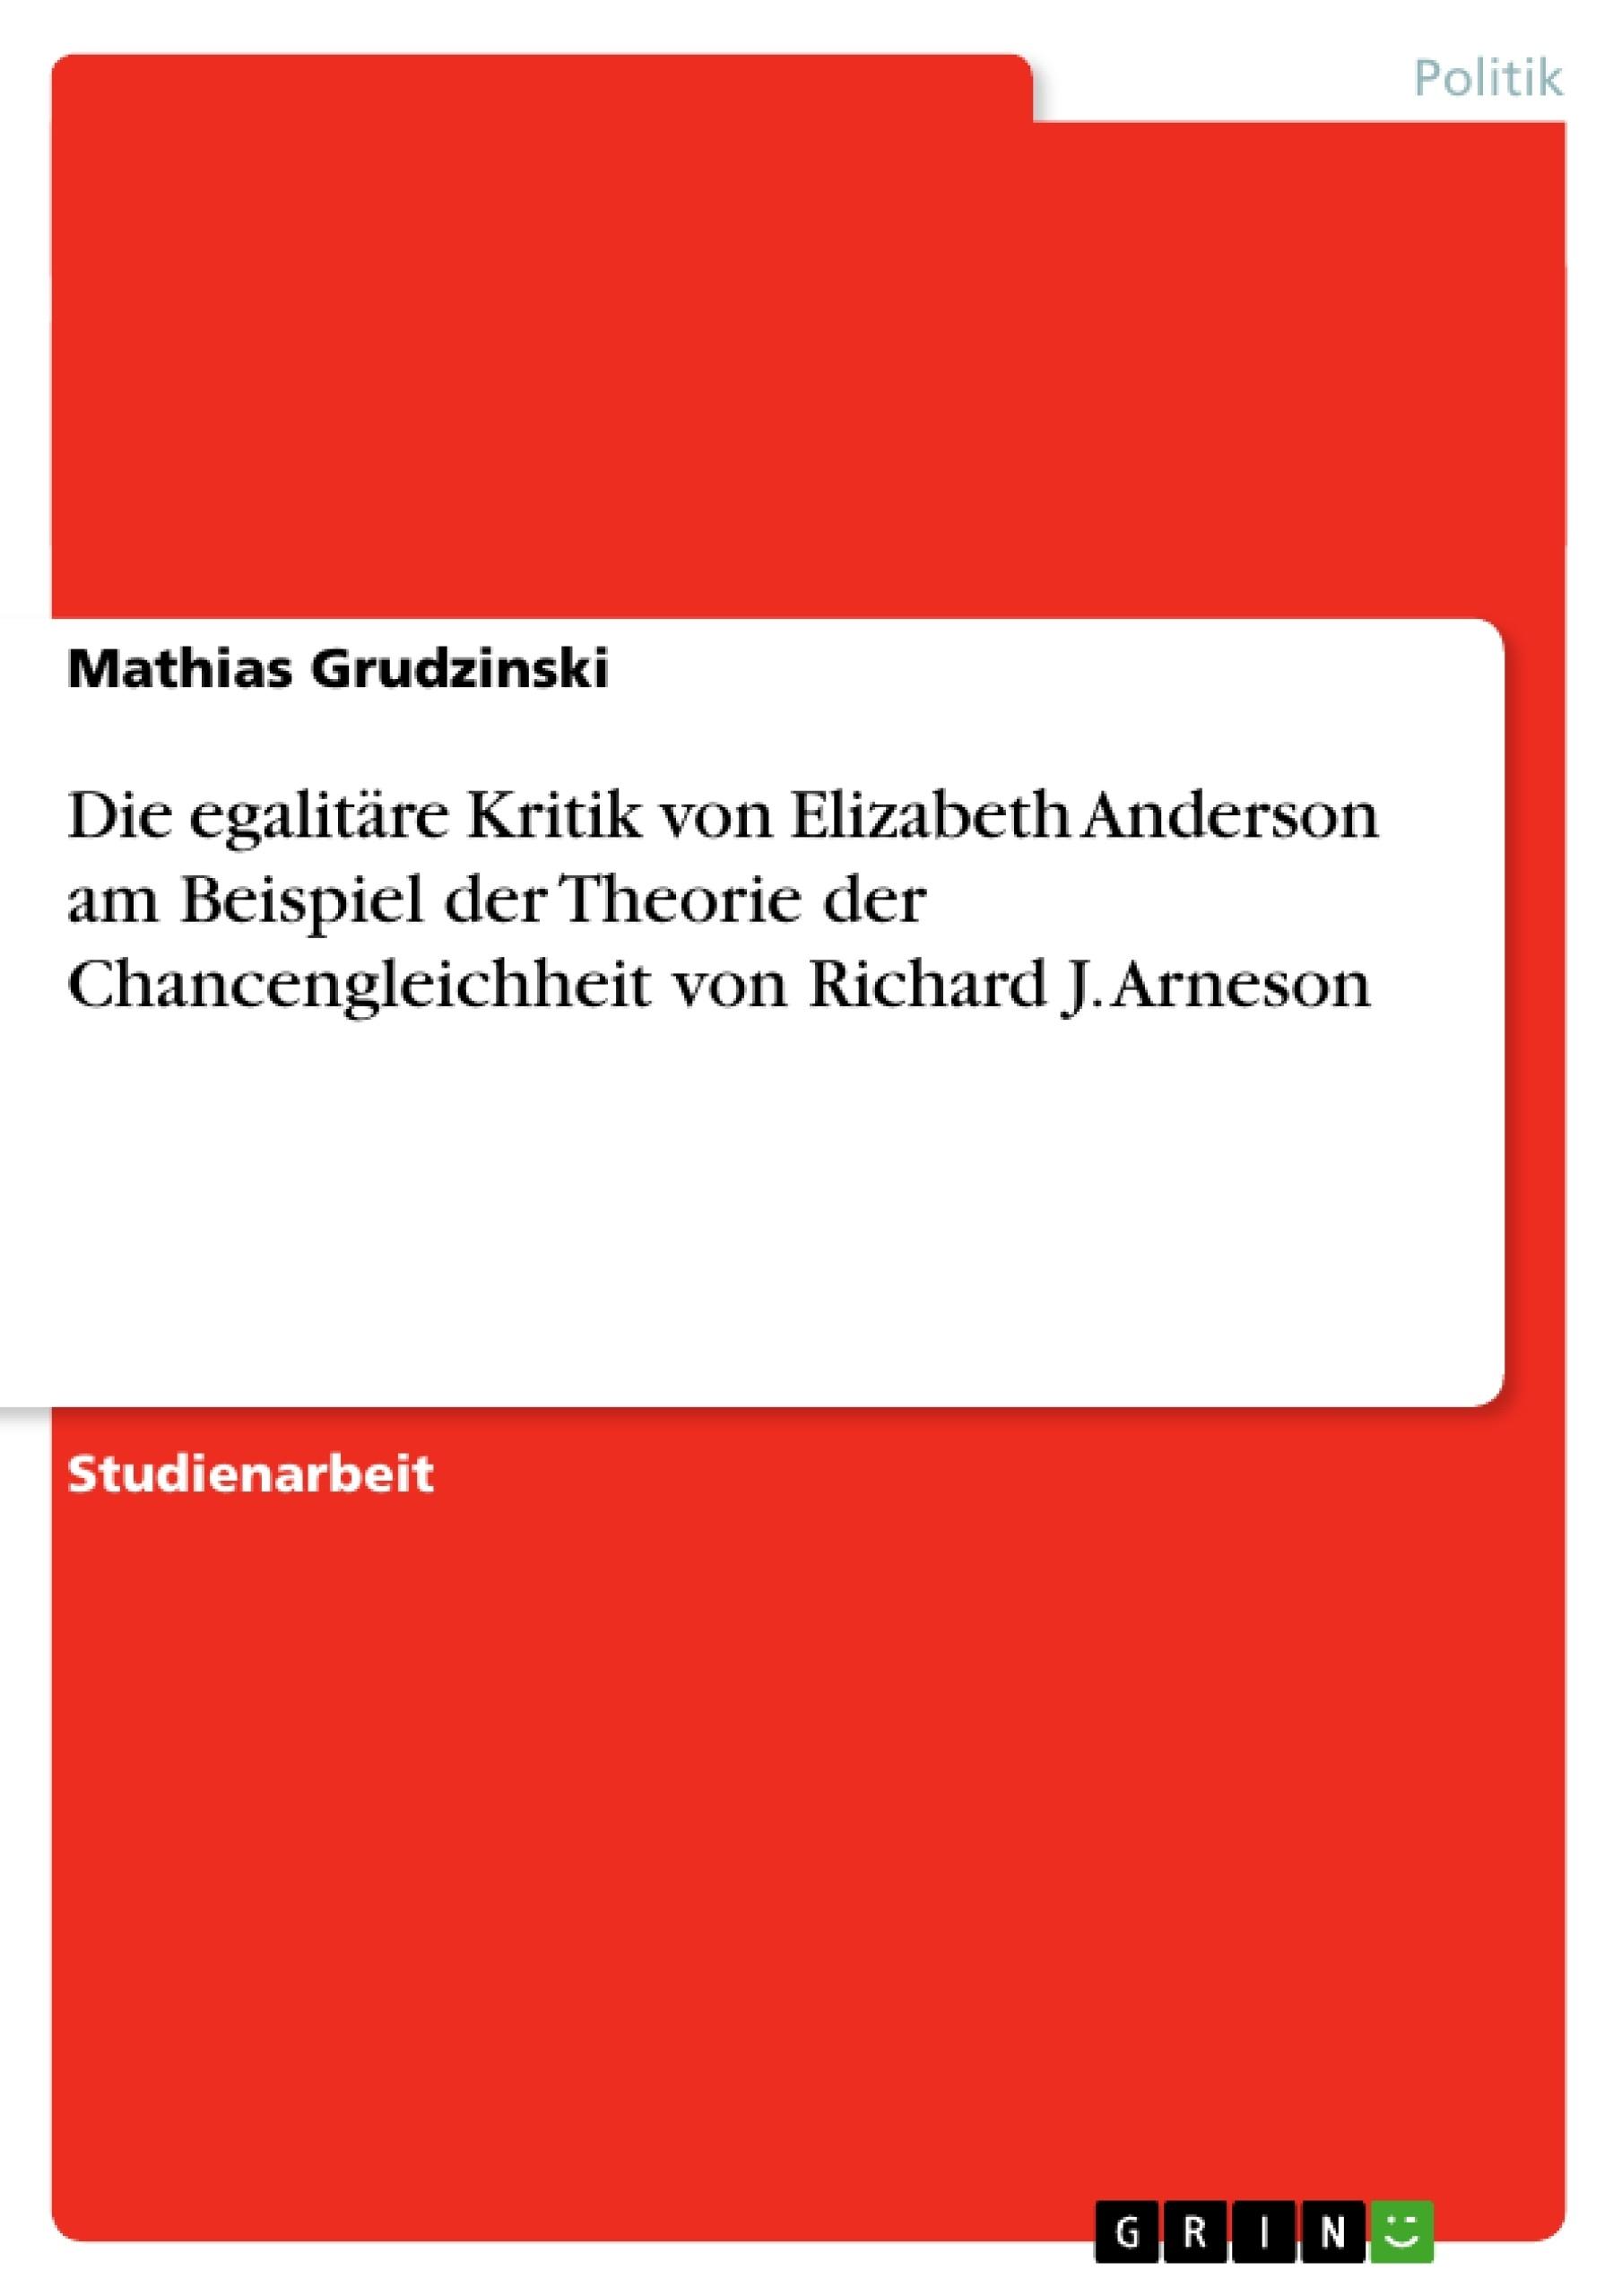 Titel: Die egalitäre Kritik von Elizabeth Anderson am Beispiel der Theorie der Chancengleichheit von Richard J. Arneson